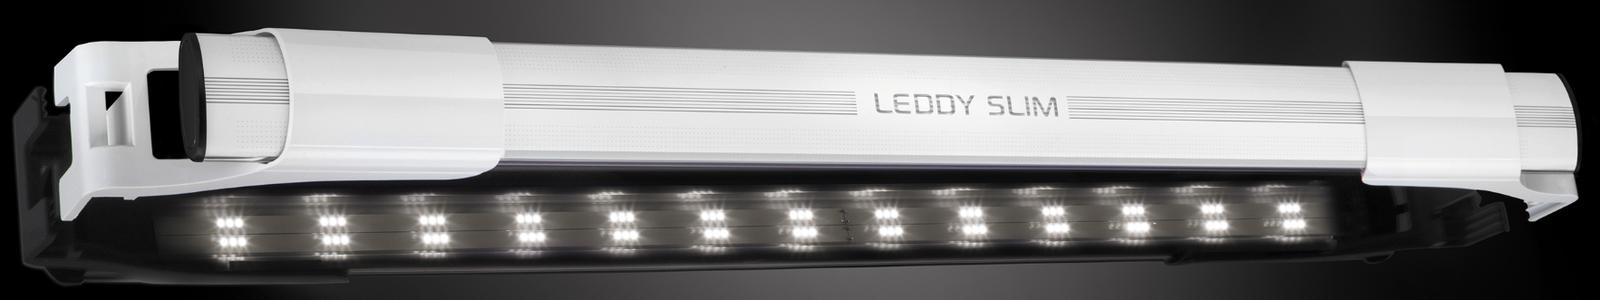 AQUAEL leddyslim 36w 100-120cm Sunny moduli di illuminazione a LED Illuminazione Acquario